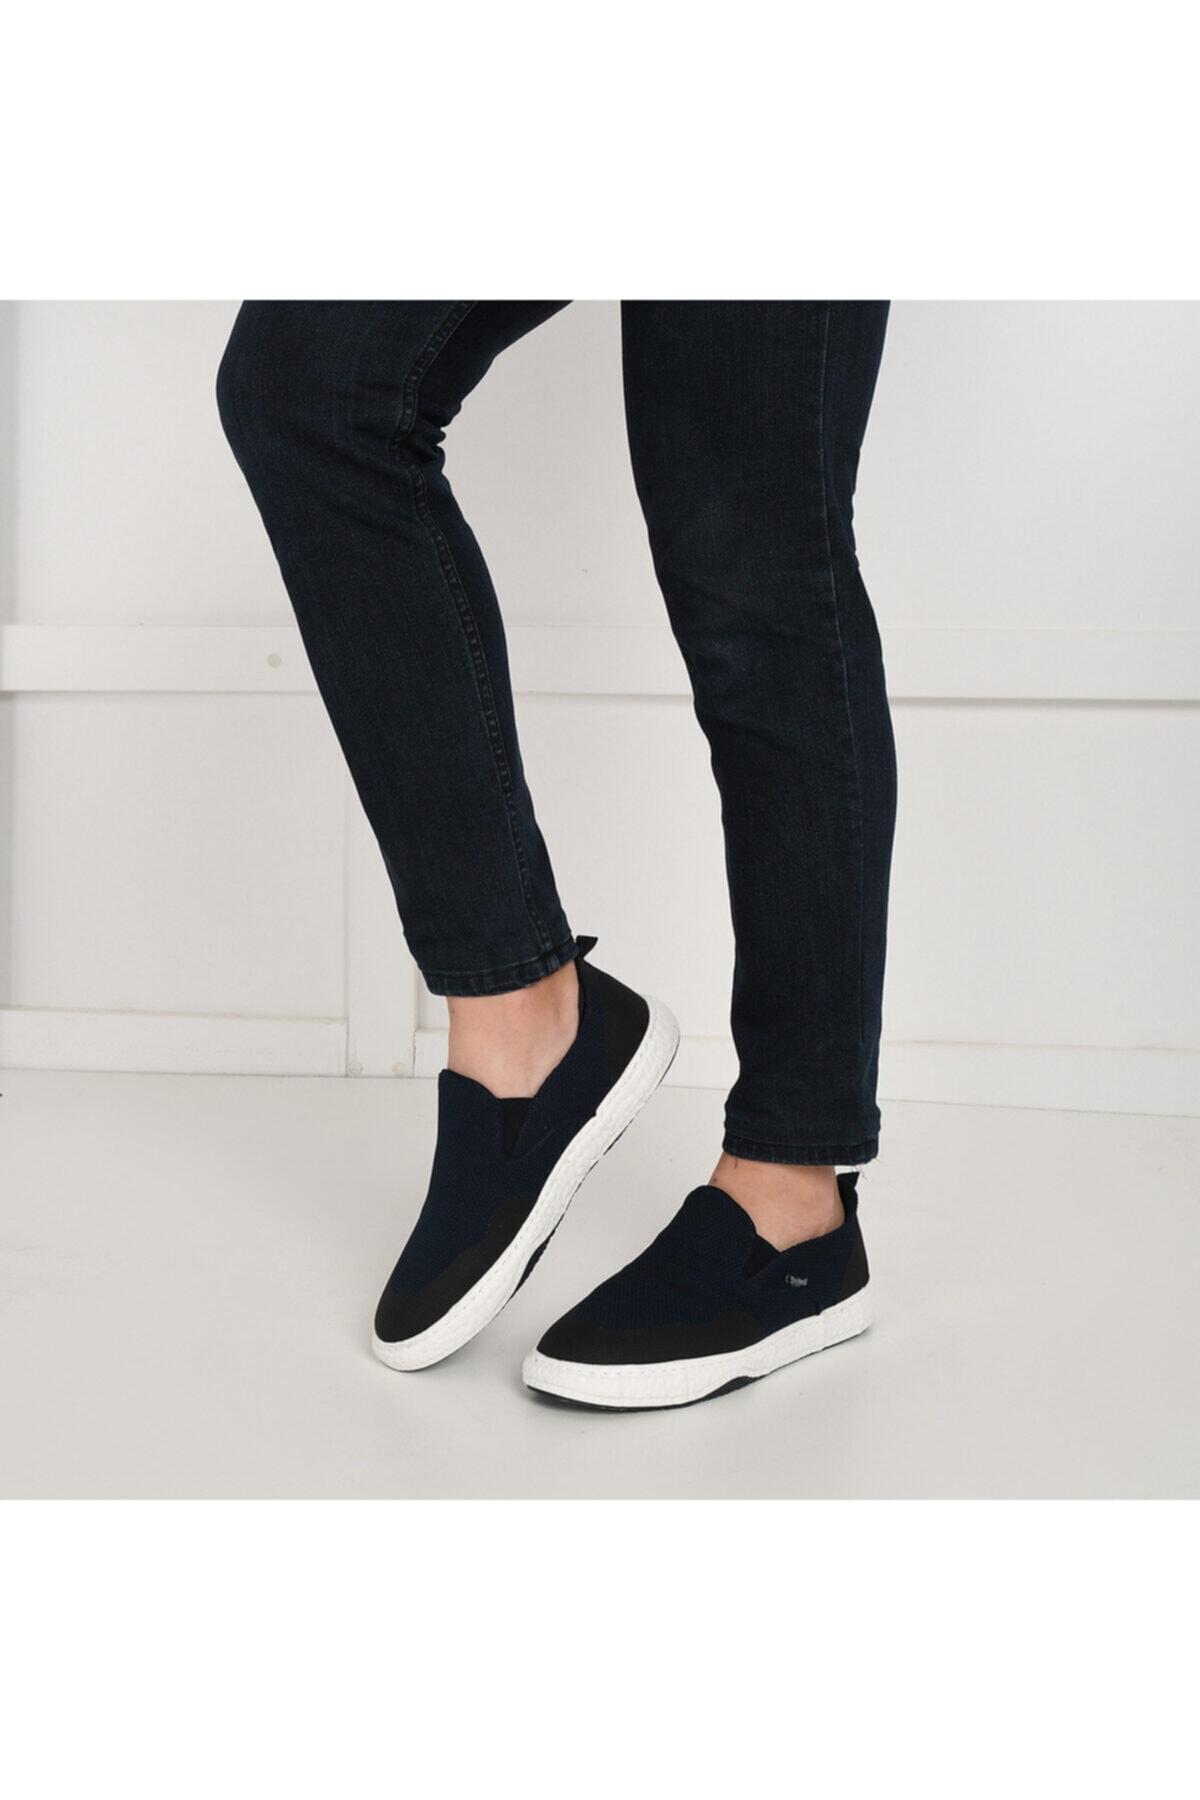 228253 Lacivert Erkek Slip On Ayakkabı 100495020